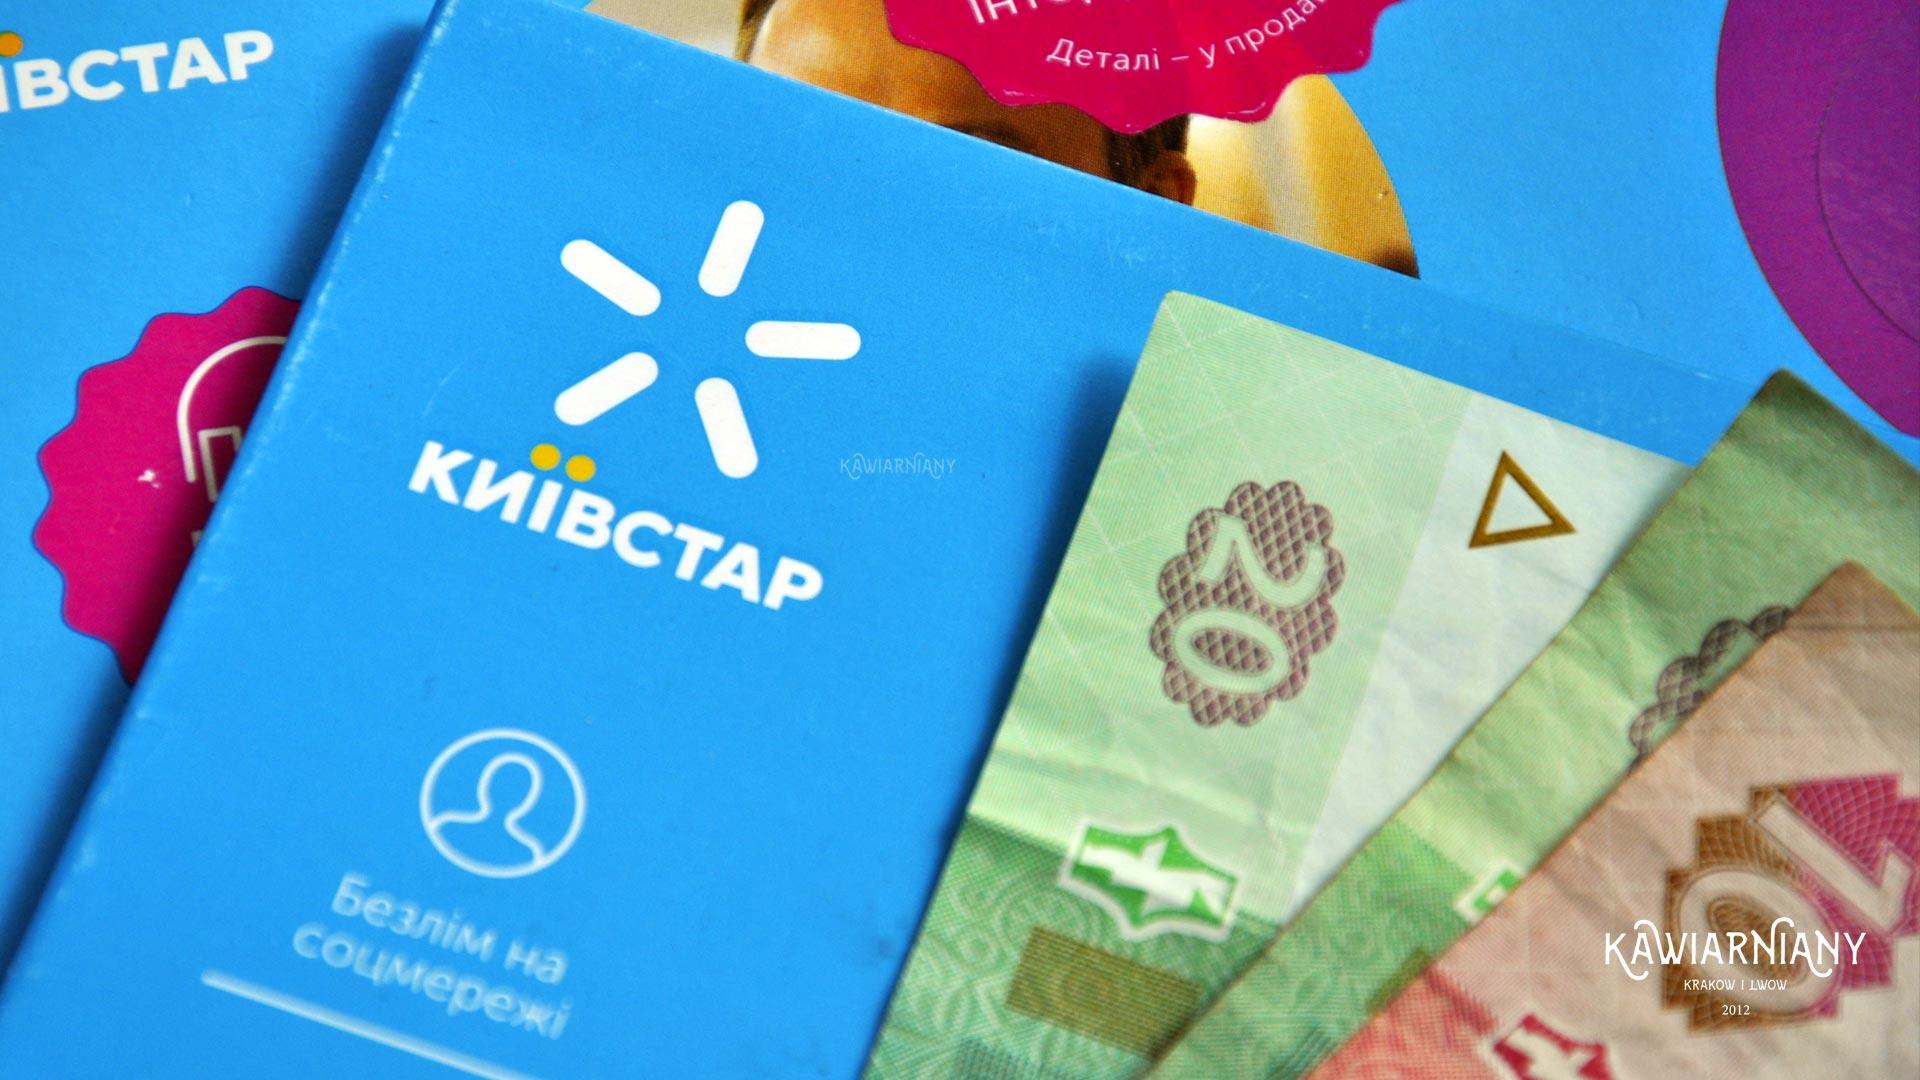 Doładowanie ukraińskiej karty w Polsce. Da się? Jak doładować?